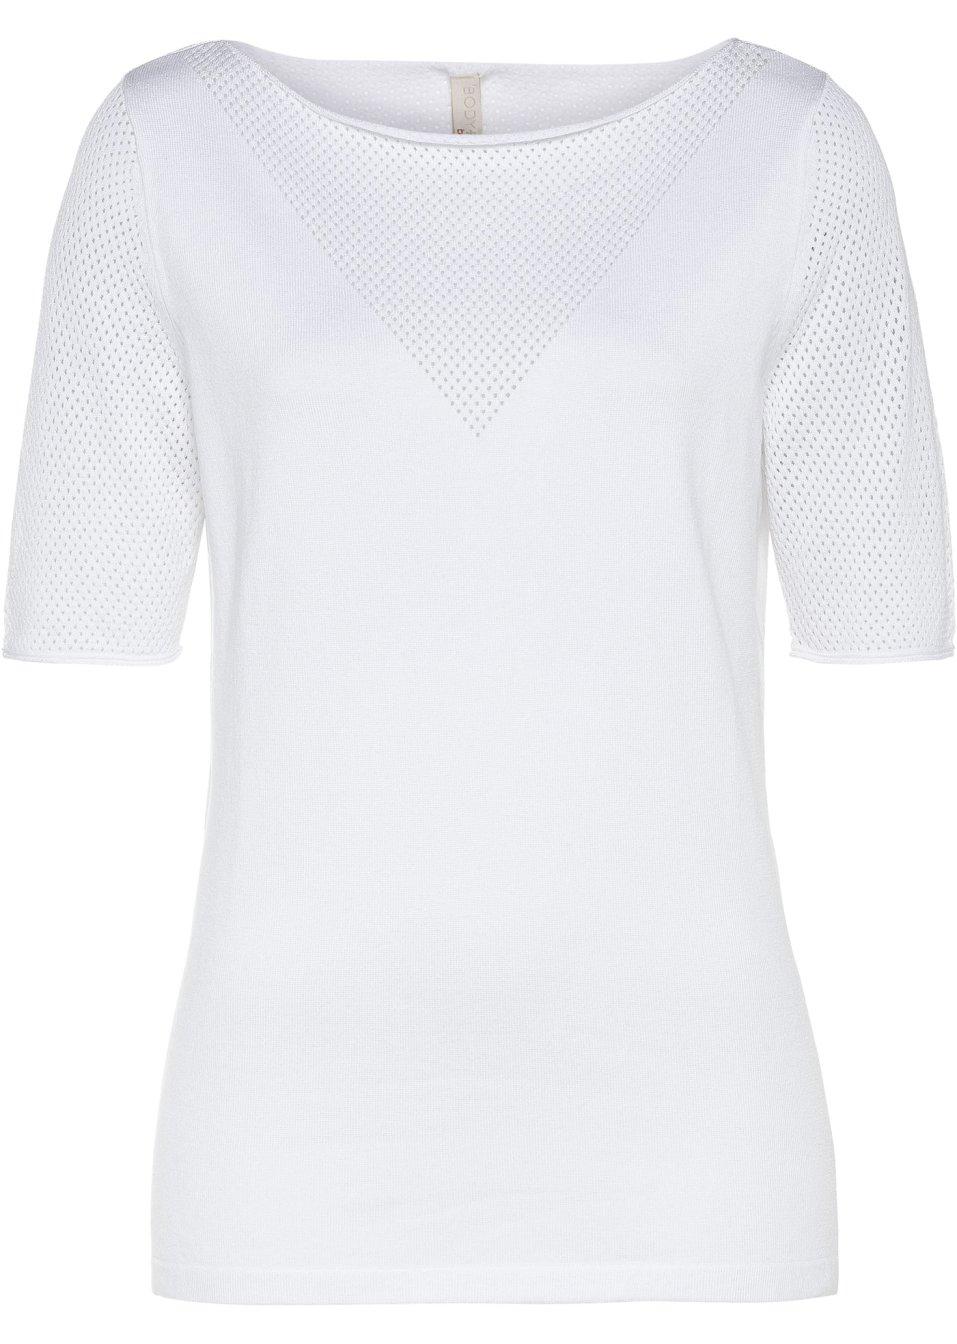 Strickshirt weiß - Damen - BODYFLIRT boutique - bonprix.de 4g0dz nfs3v